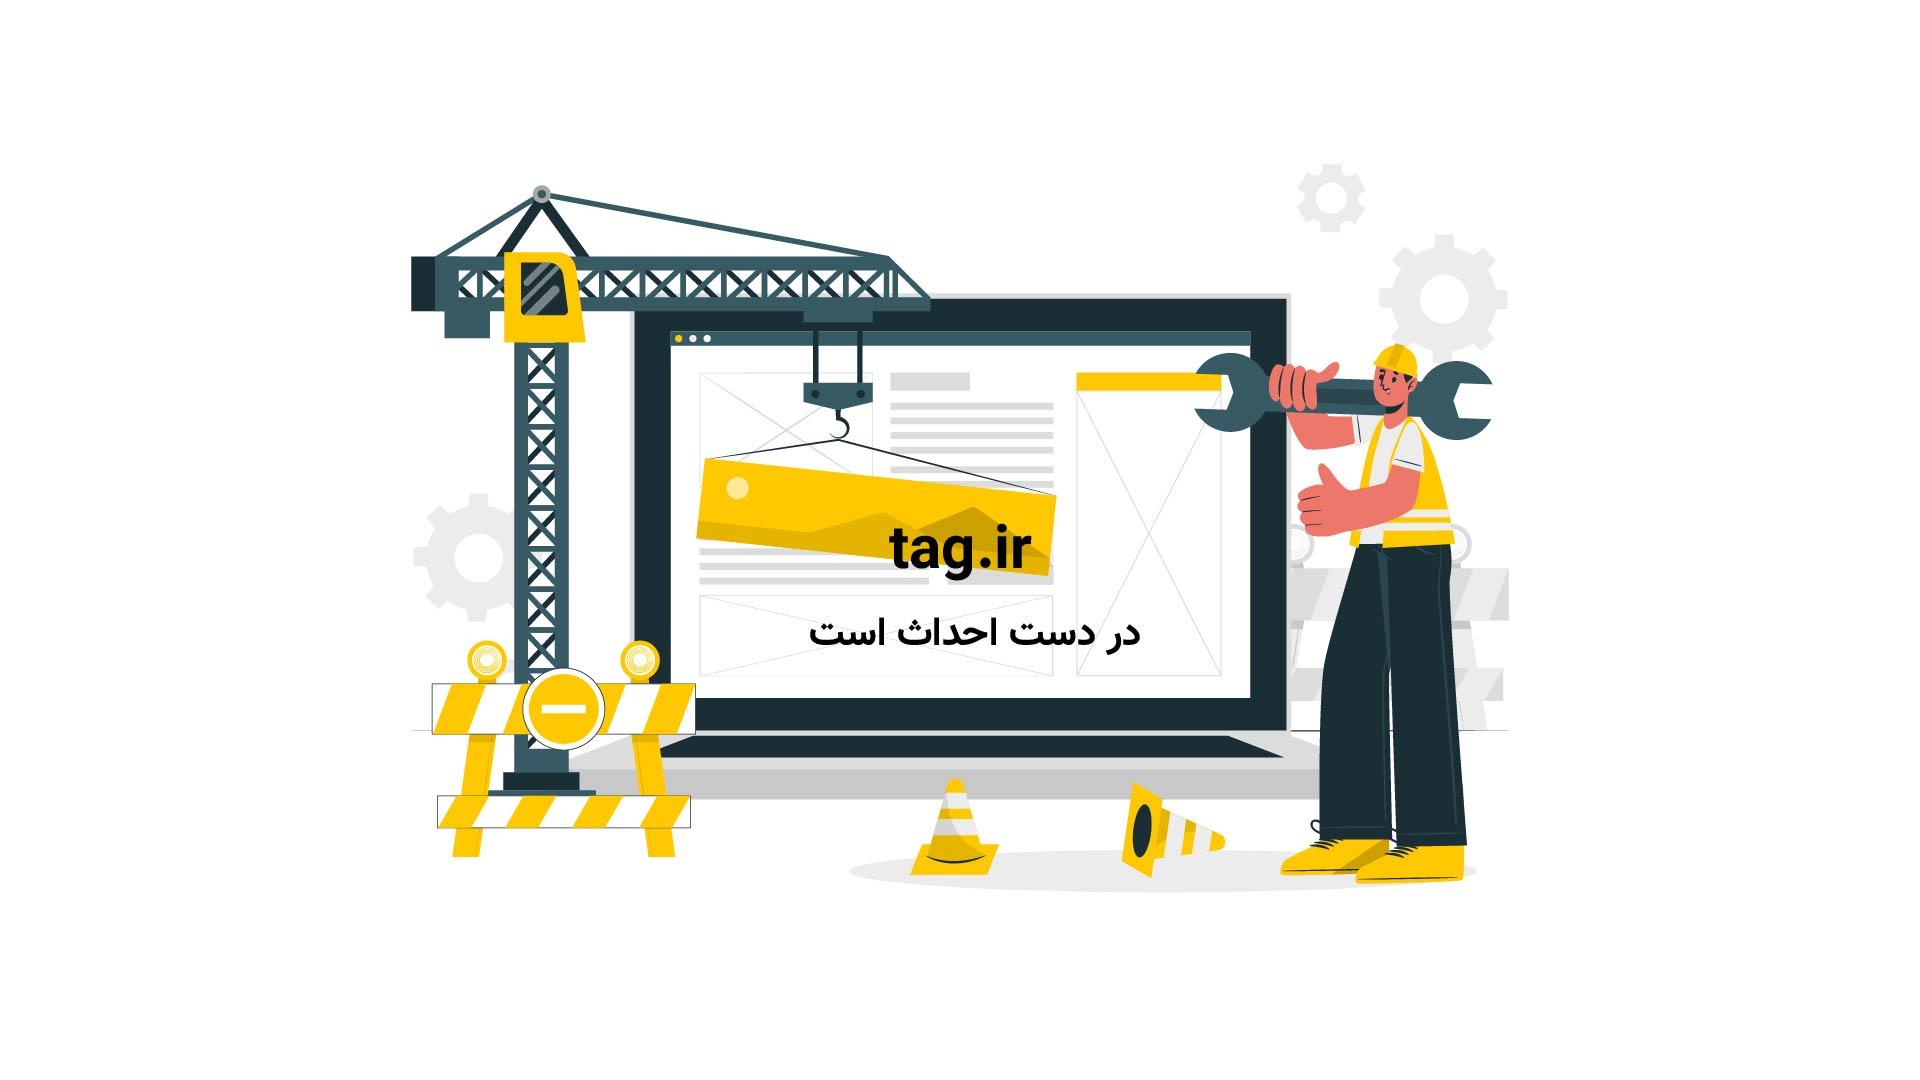 بزرگترین کشتی جهان | تگ